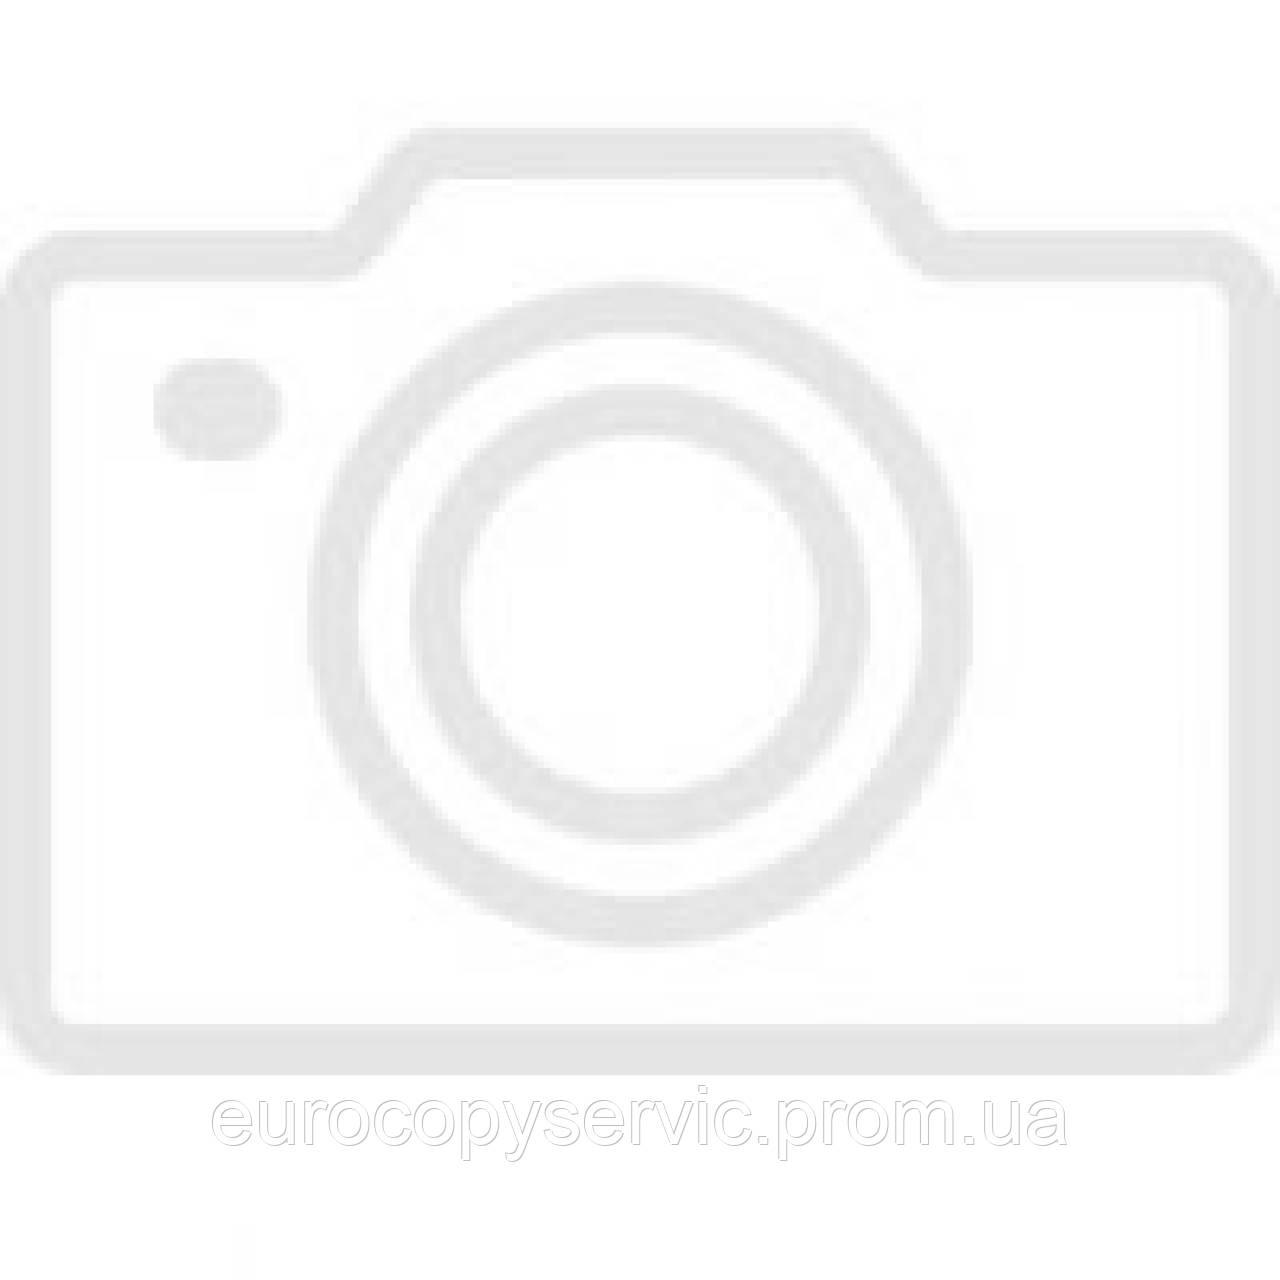 Тонер-картридж BASF для Ricoh Aficio SP3400/3410/3500/3510 аналог 406522 Black (BASF-KT-406522)